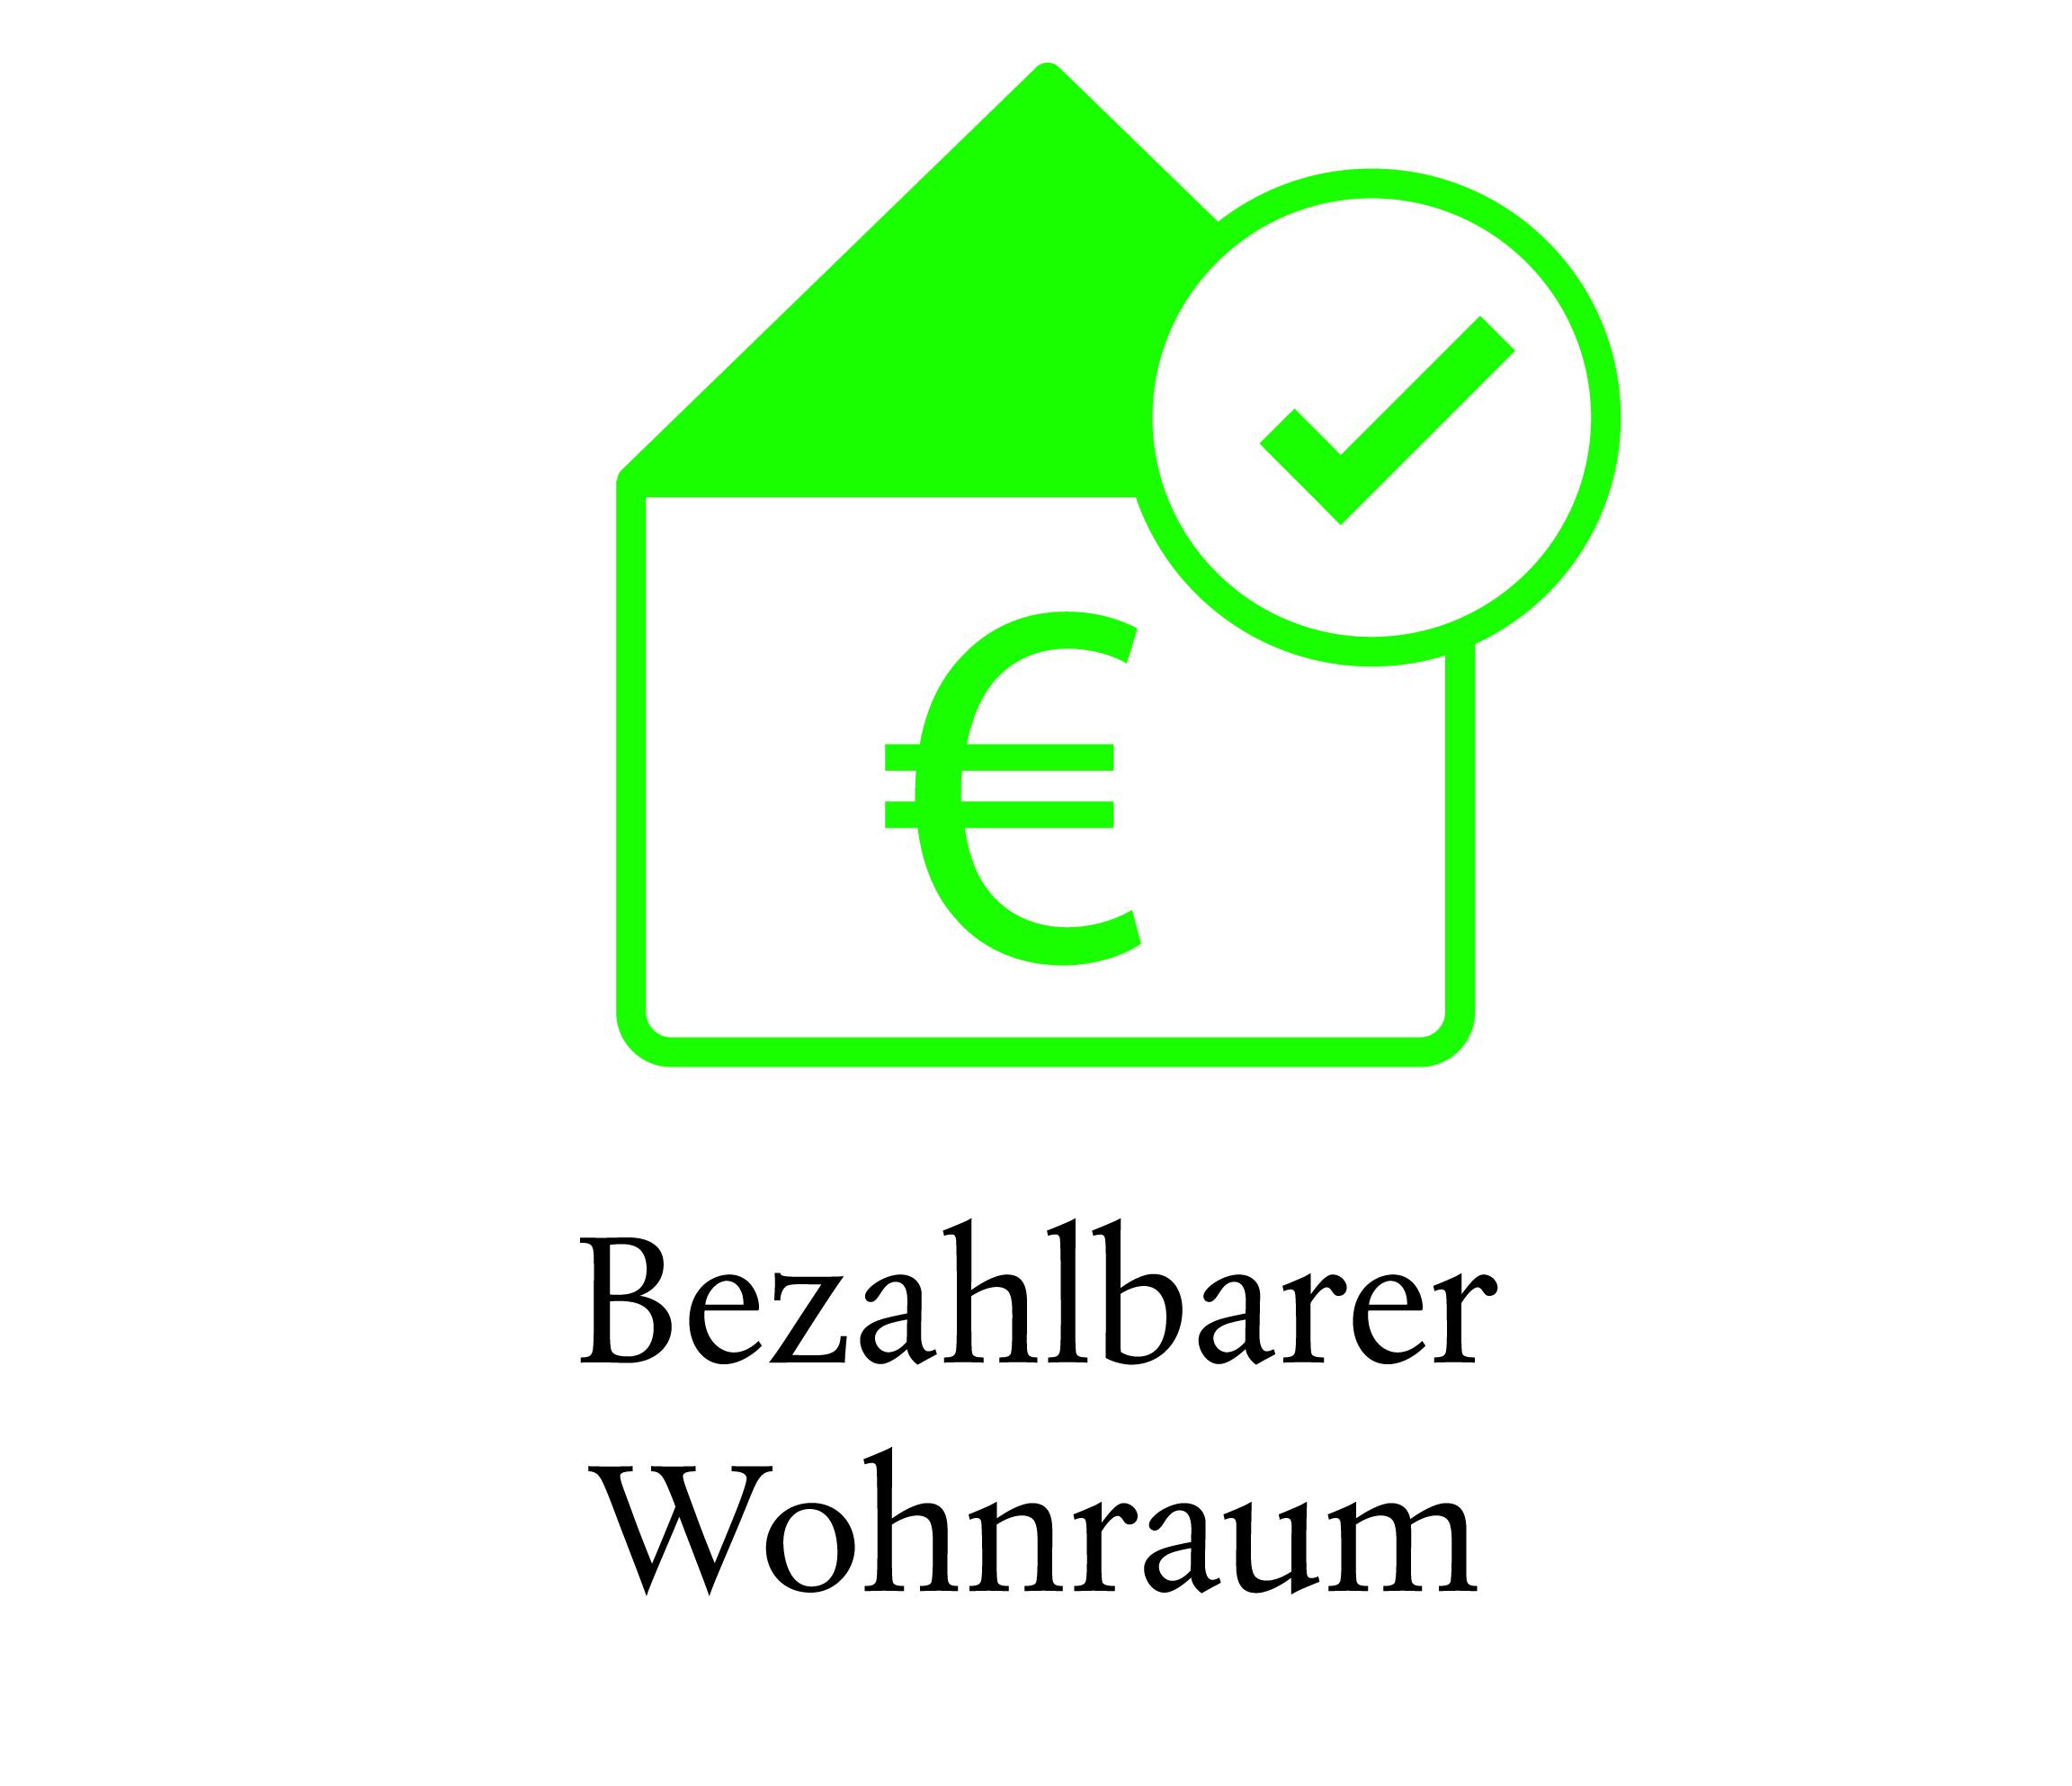 WBGSH_Icon_BezahlbarerWohnraum.jpg